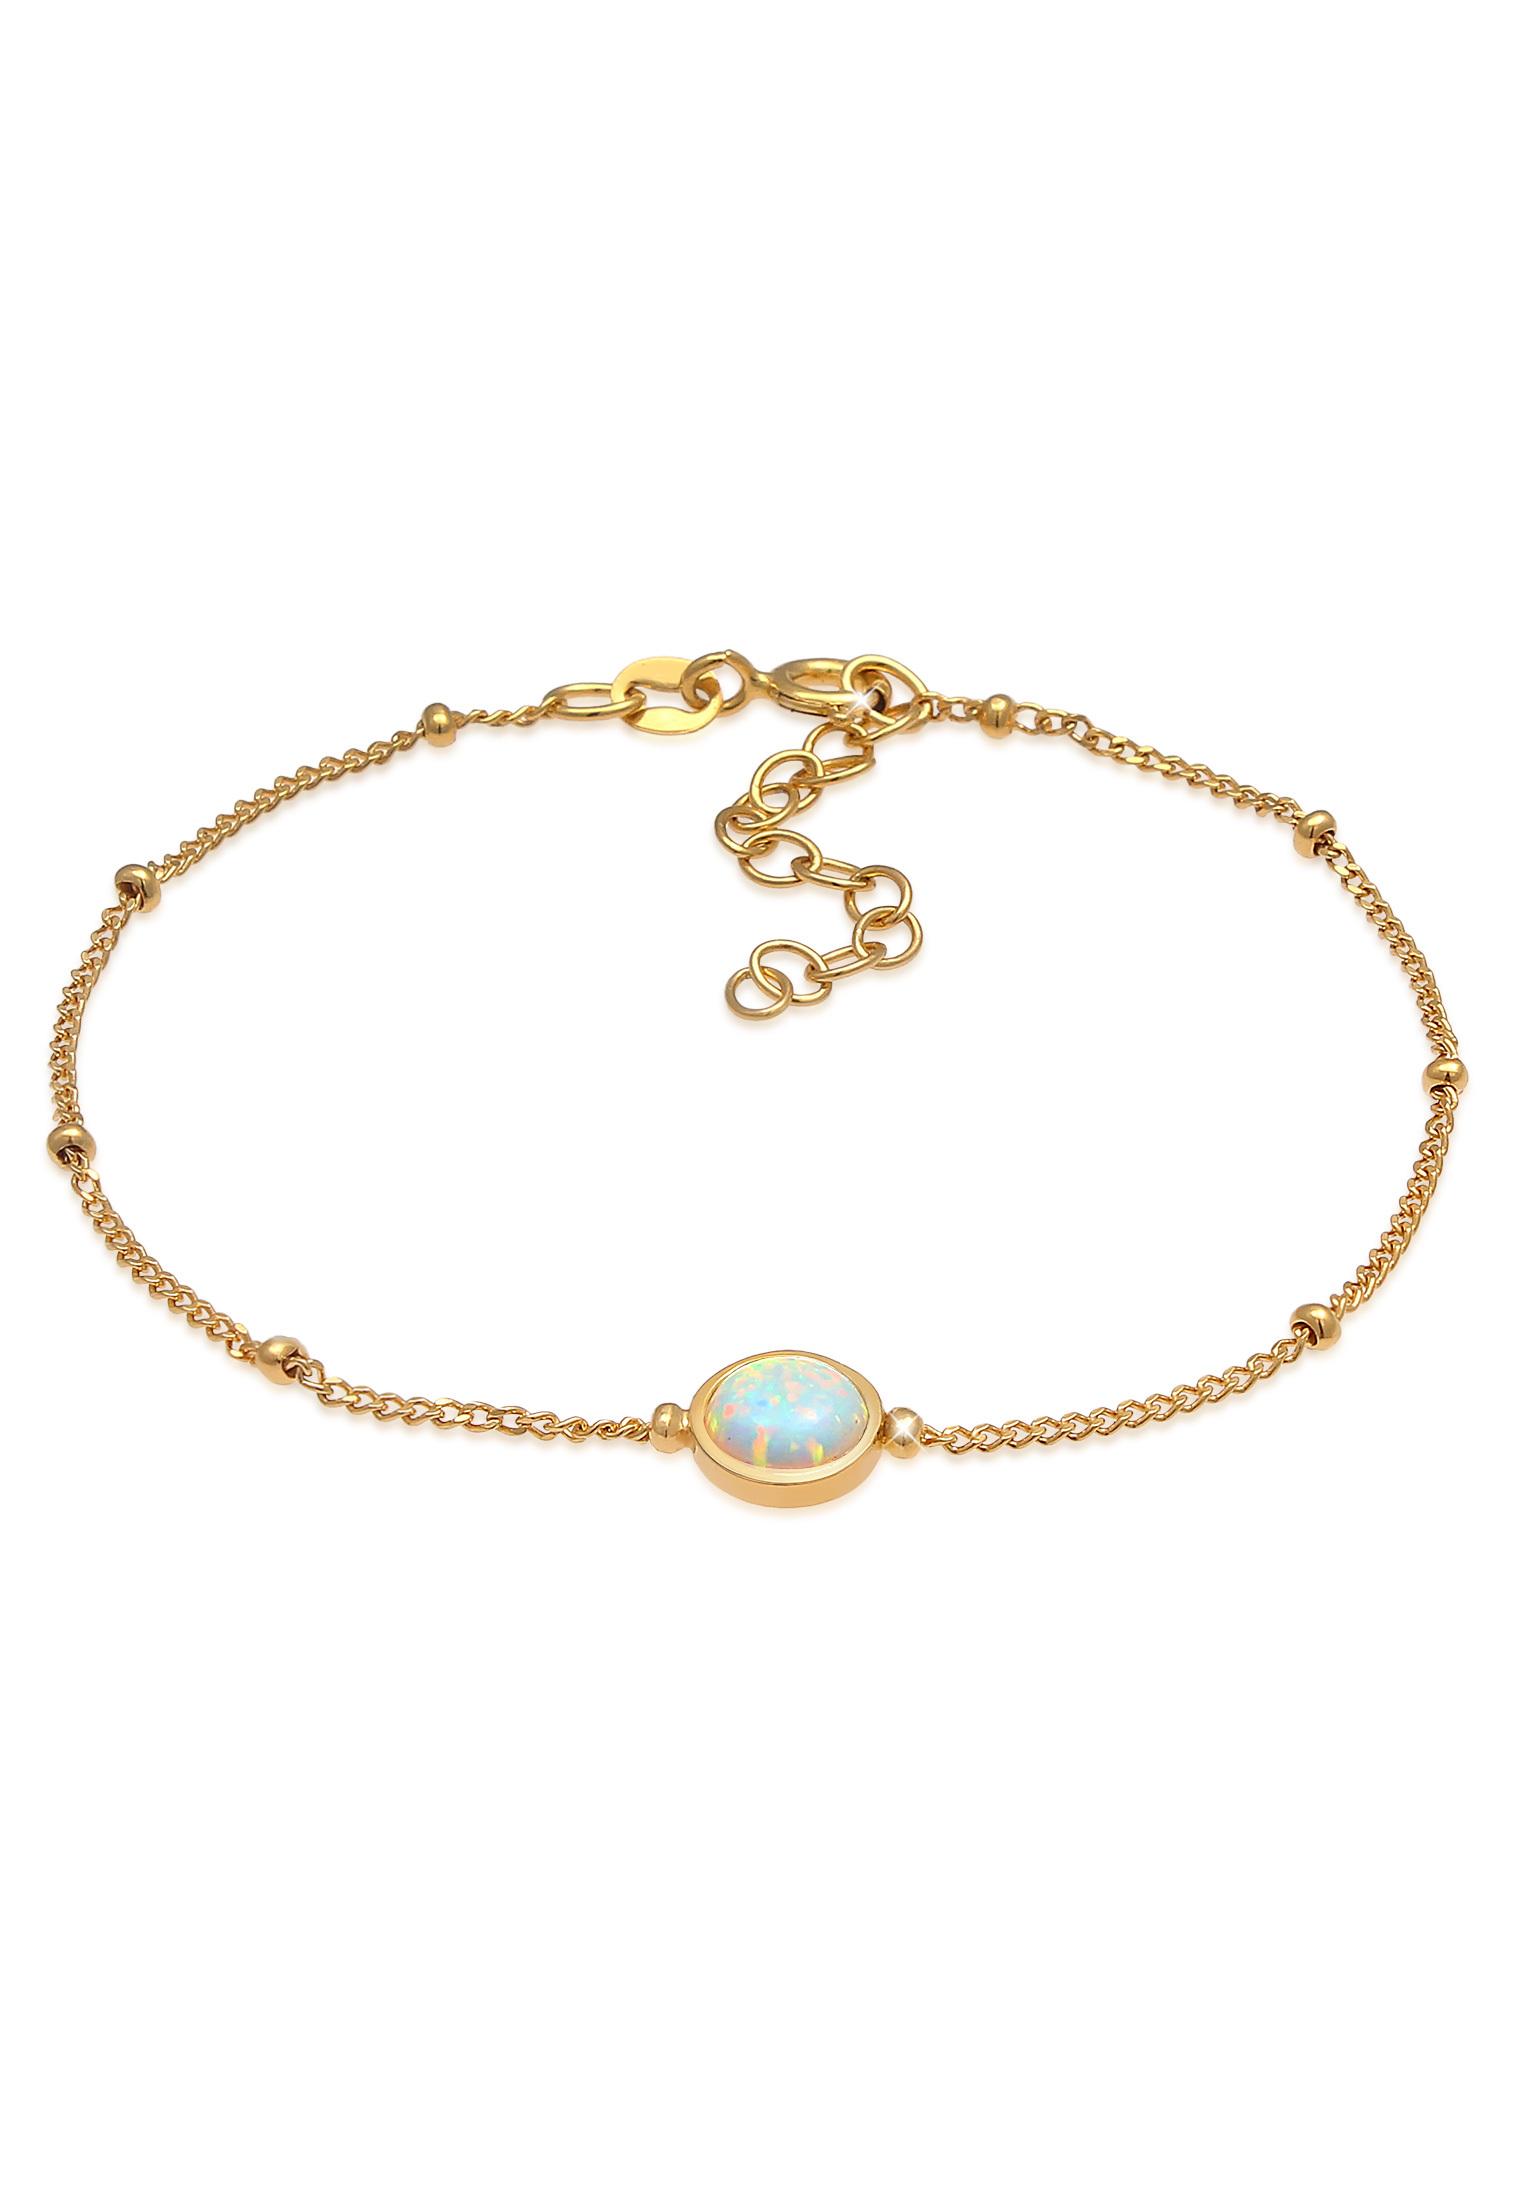 Kugel-Armband Kugel | Opal ( Weiß ) | 925 Sterling Silber vergoldet